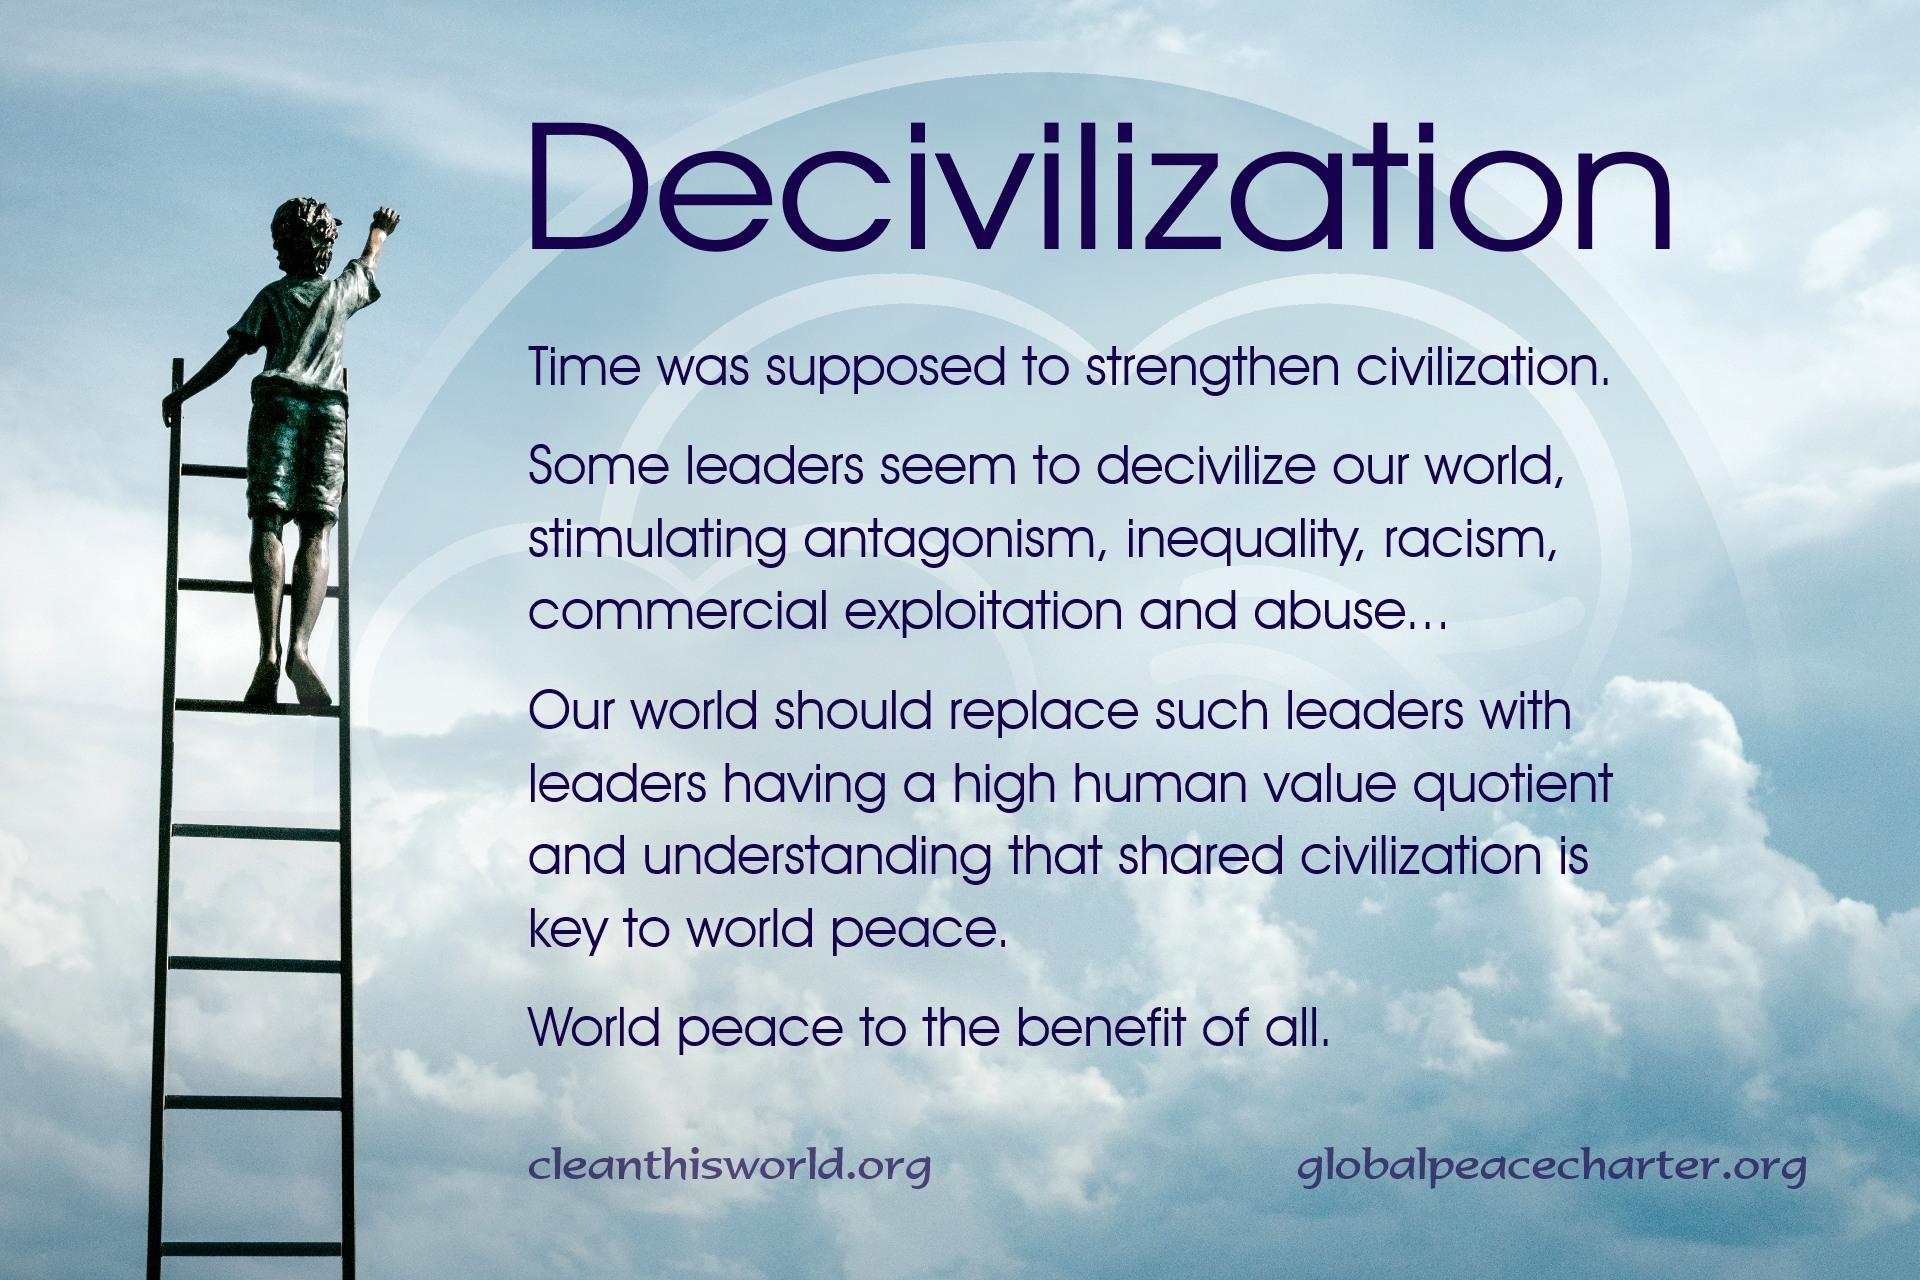 Decivilization